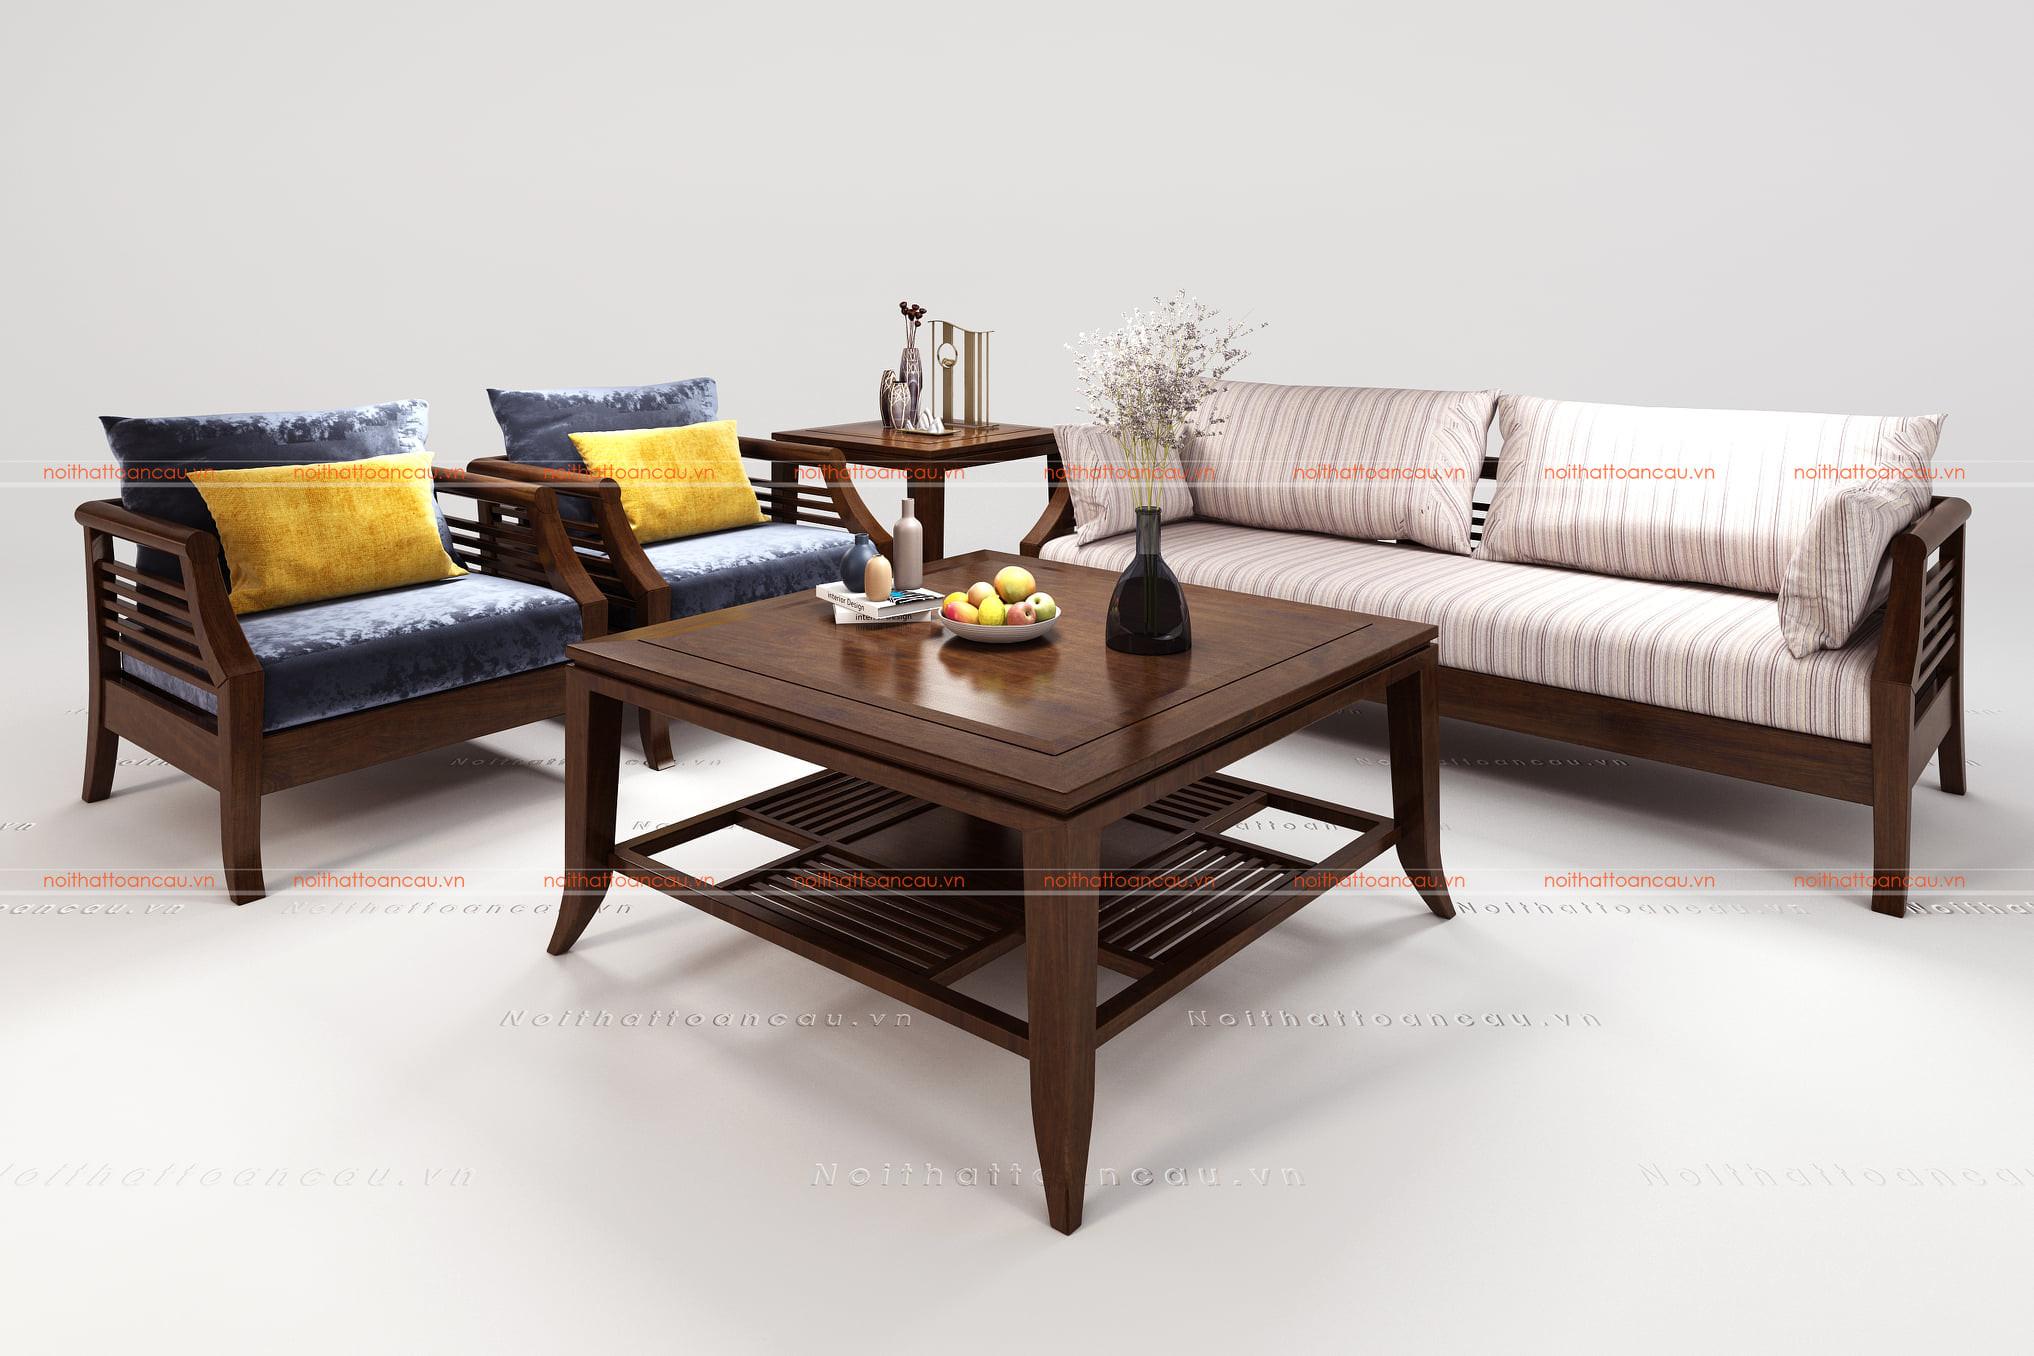 Bàn ghế gỗ gụ hiện đại